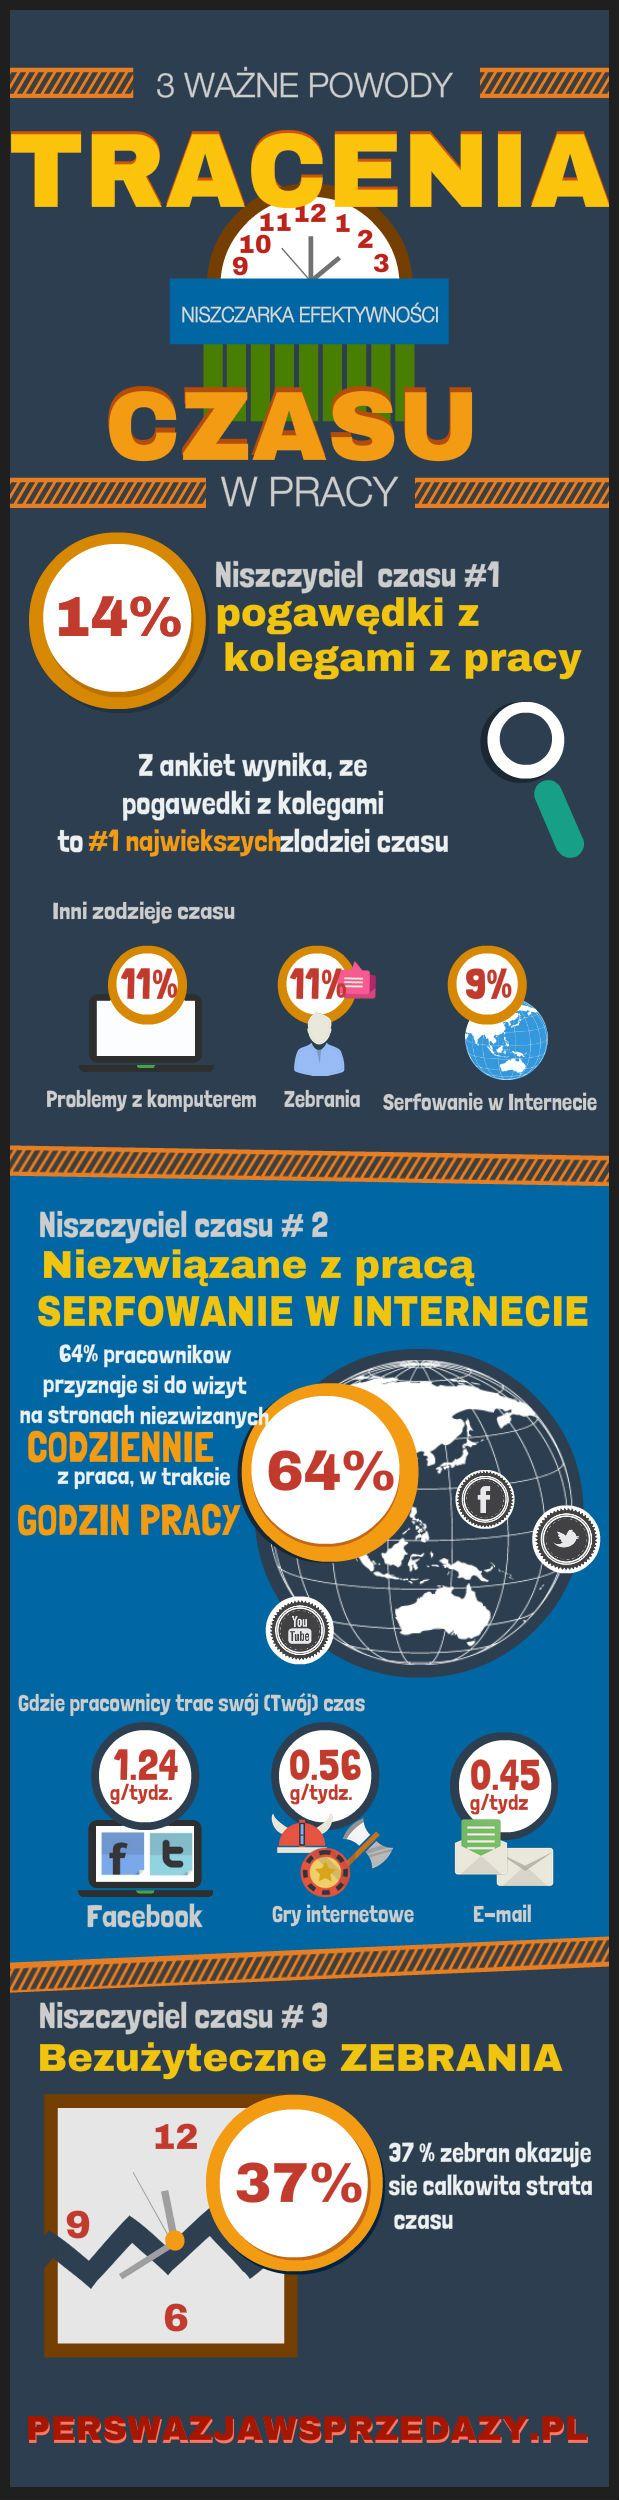 Jak tracimy czas i kto jest największym złodziejem czasu #firma #Polska